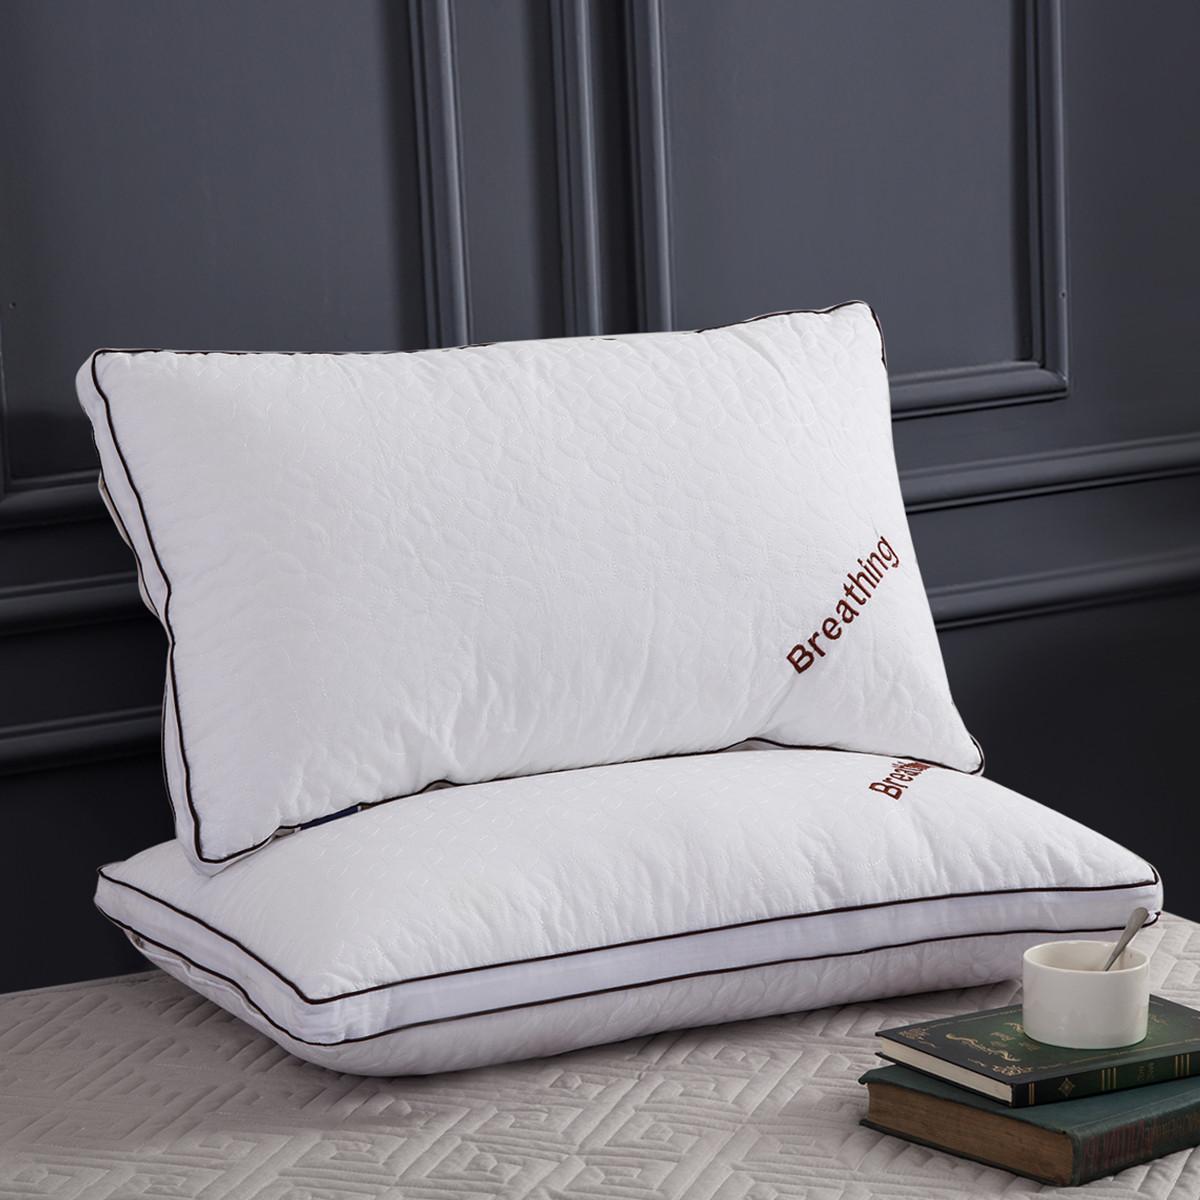 Ramada全棉绣花透气护颈枕芯床上用品颈椎枕头枕头芯枕芯枕头COLOR白色